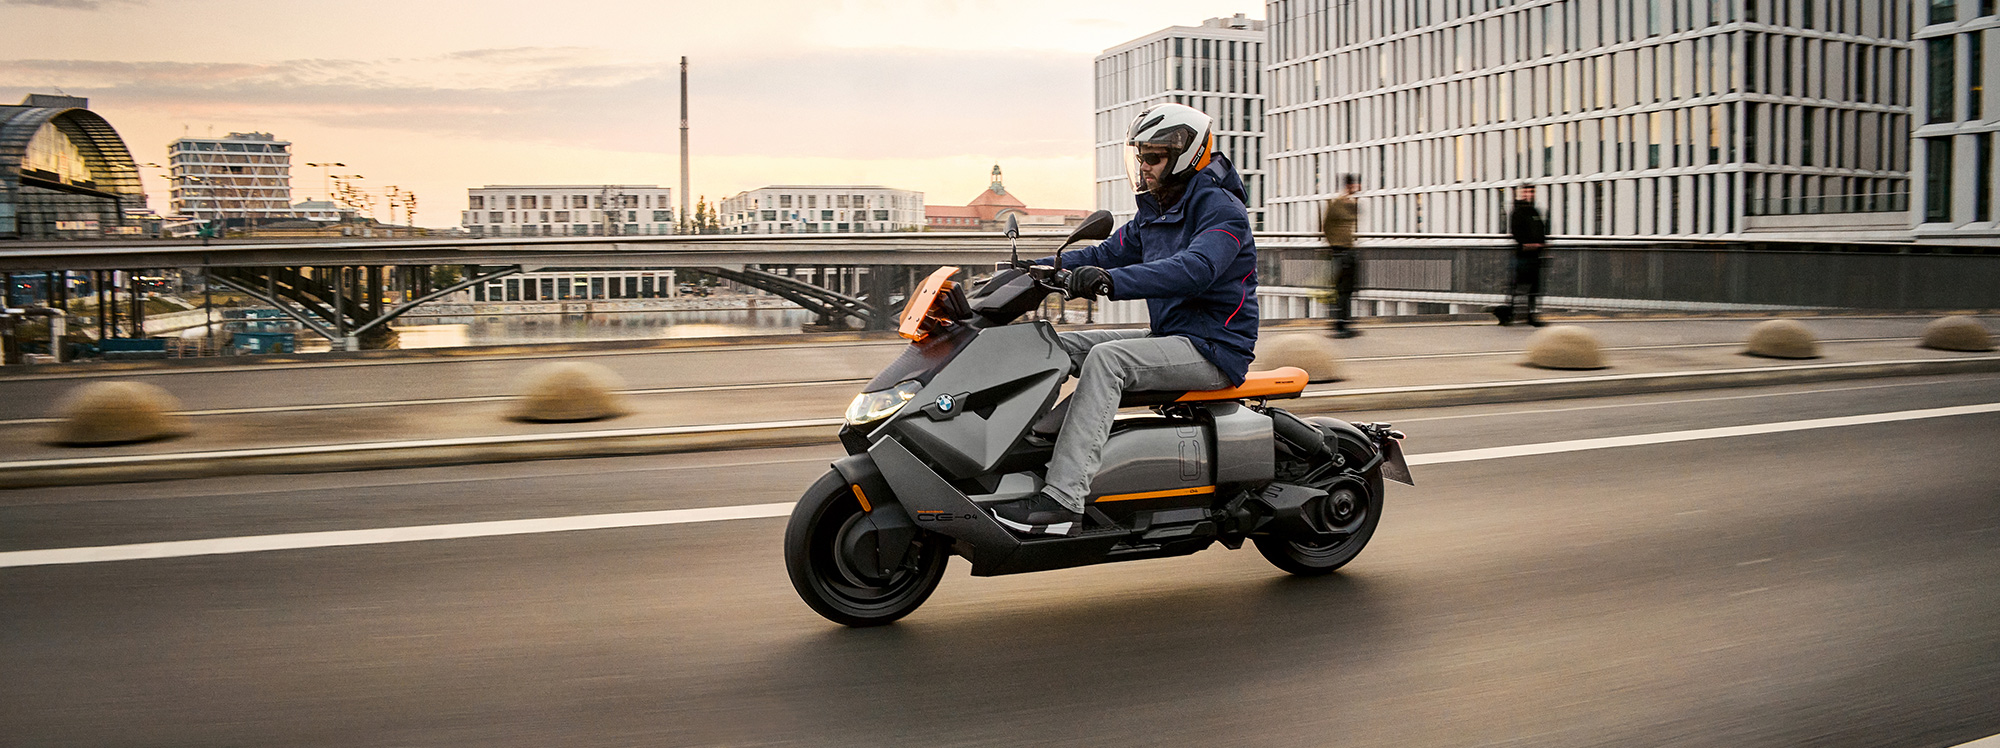 BMW CE 04: revolución silenciosa de dos ruedas